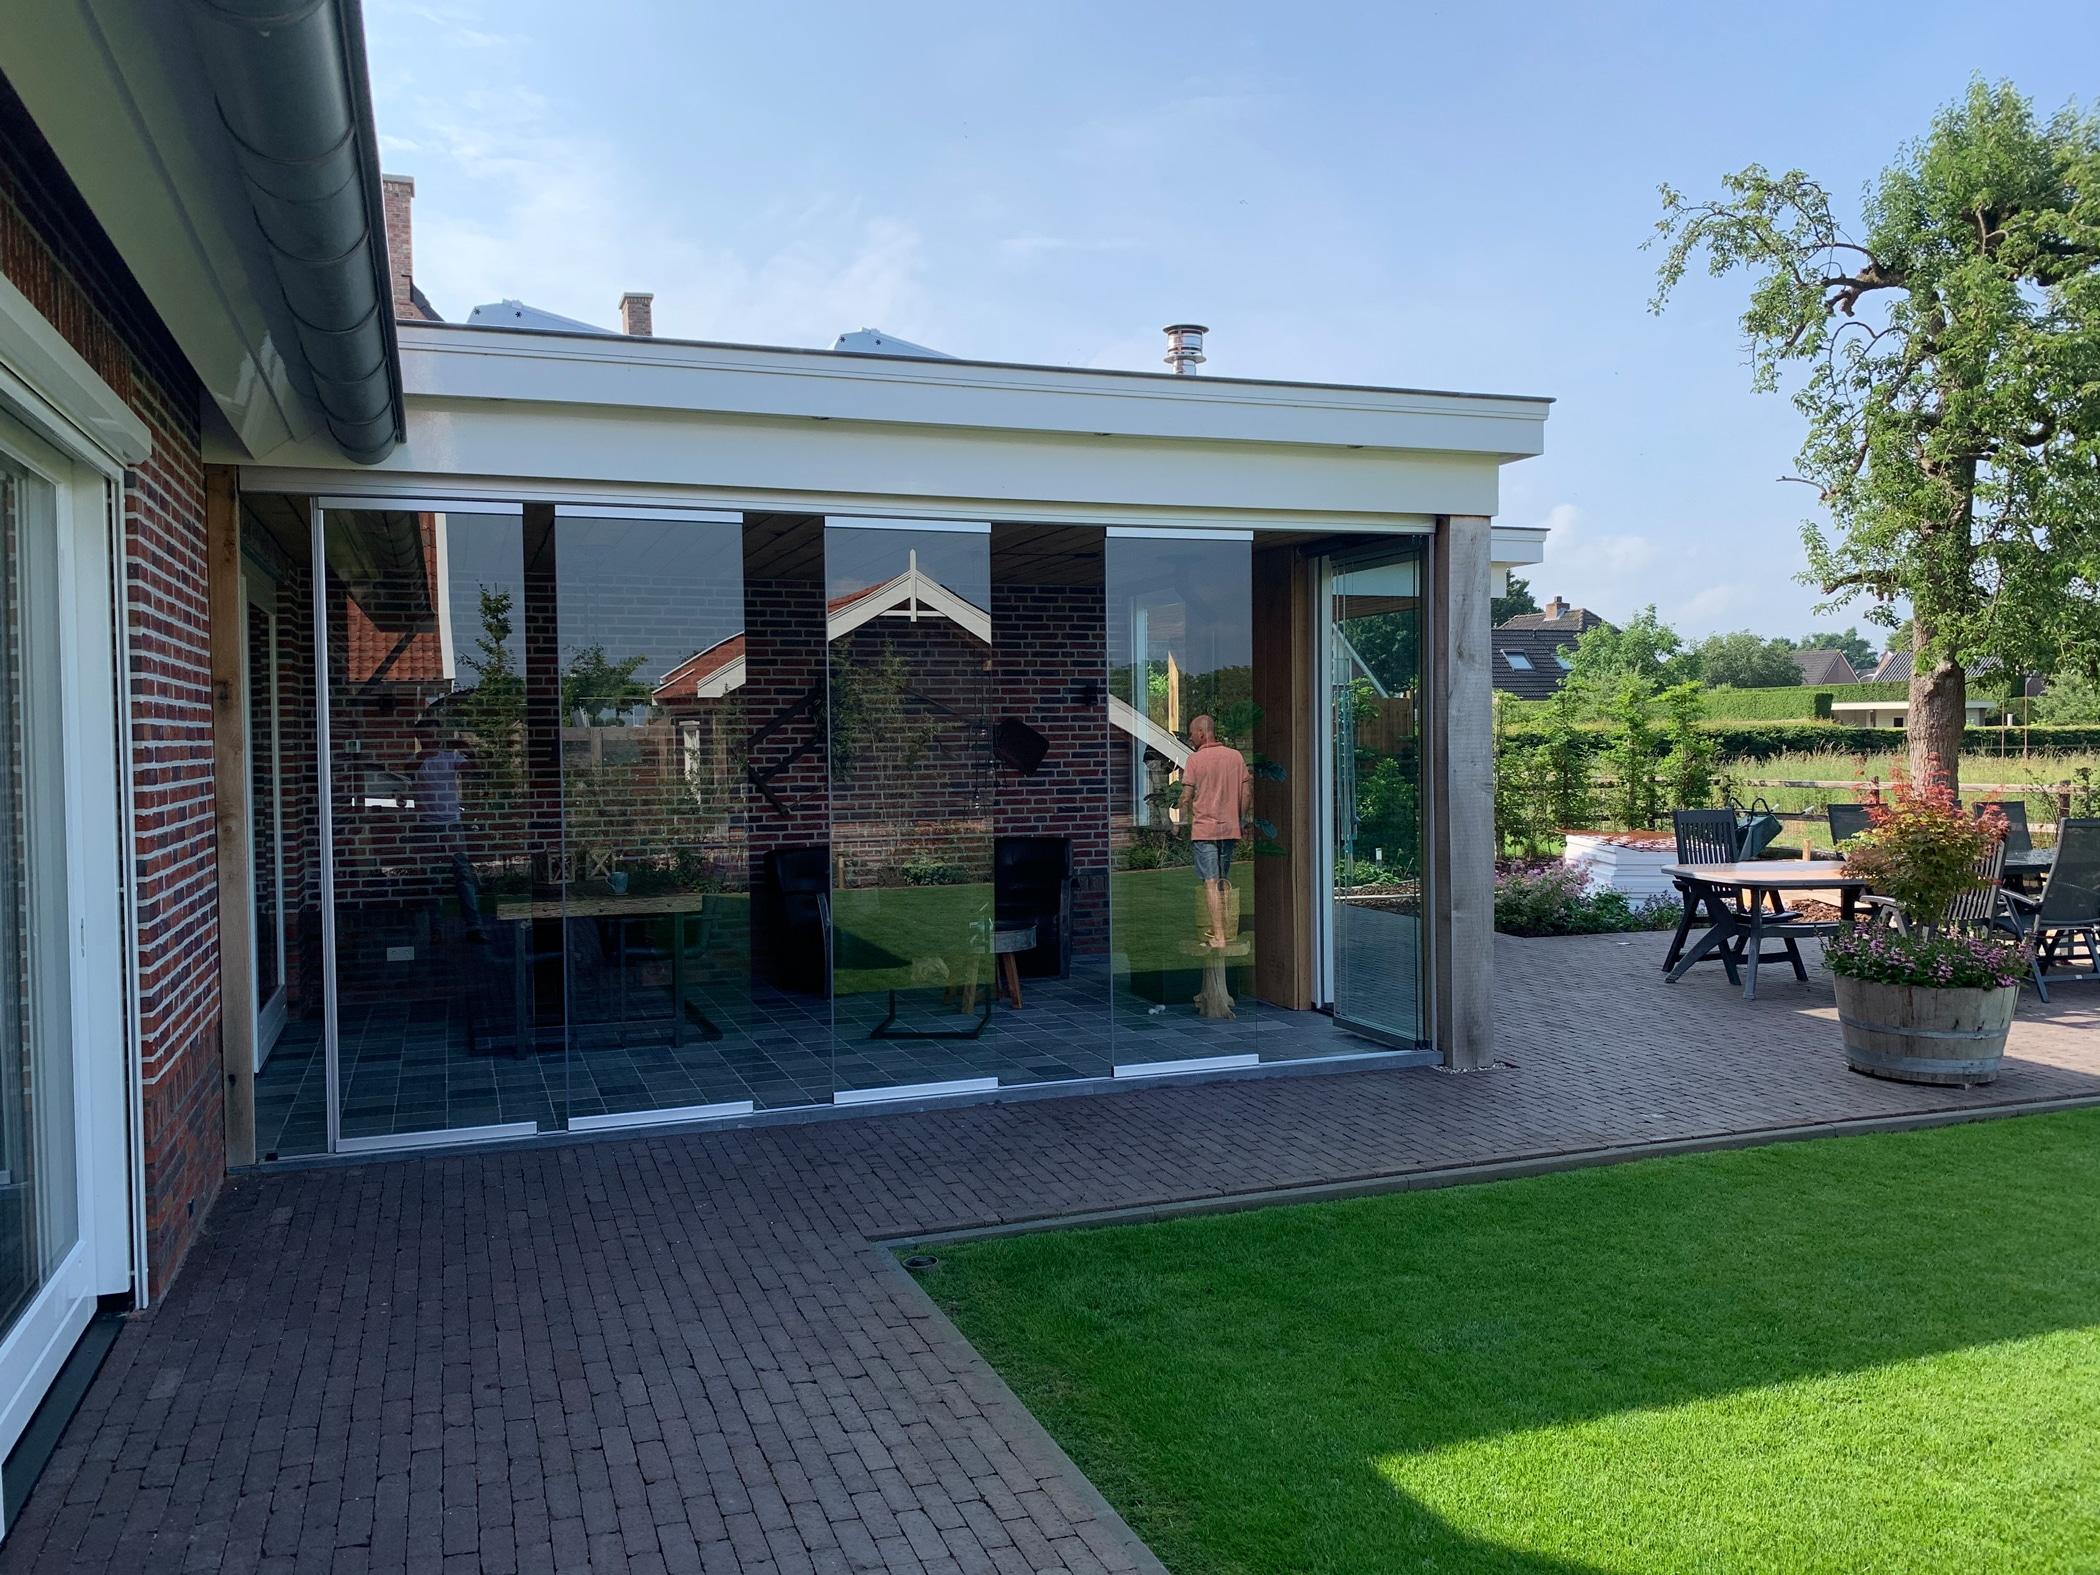 Glas Schiebe Dreh Türen - Terrasse winterfest machen